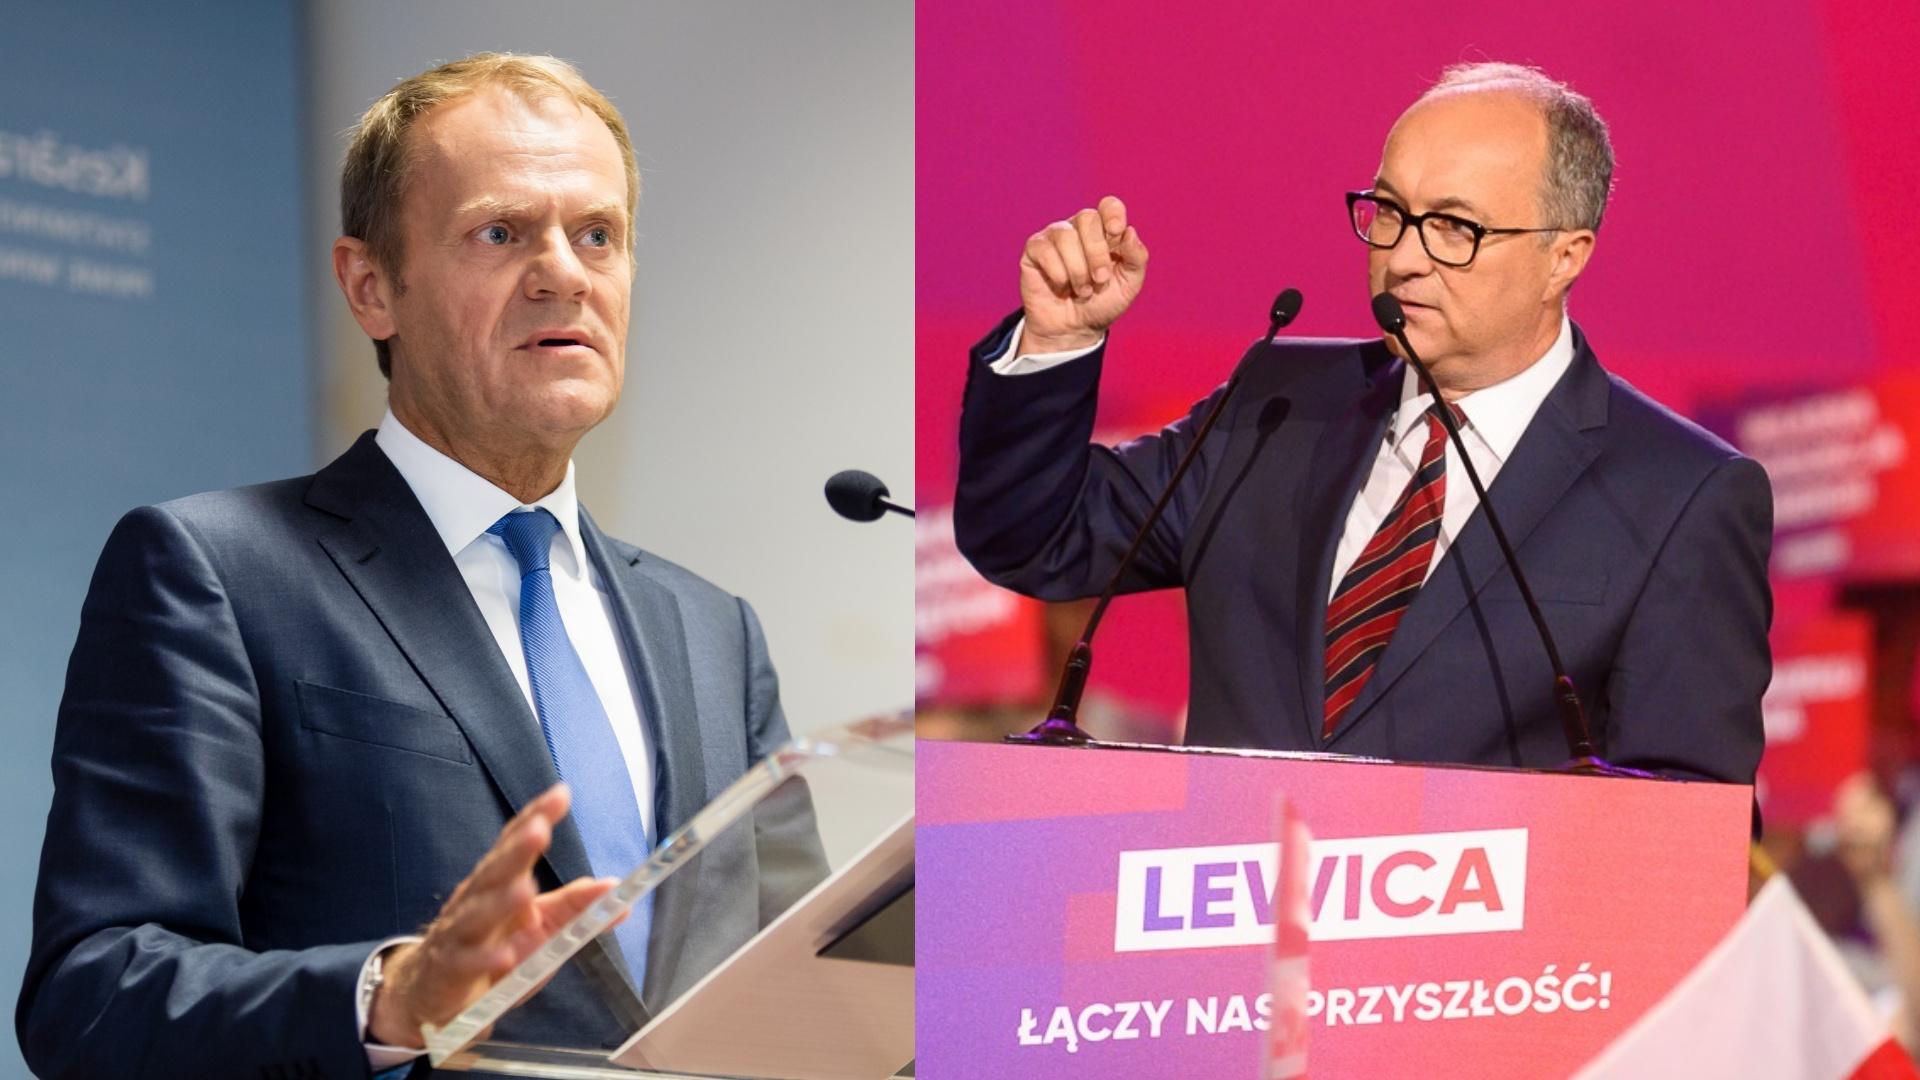 """Tusk nie będzie współpracował z Lewicą? """"Wyborcza"""": PO skręca w prawo"""